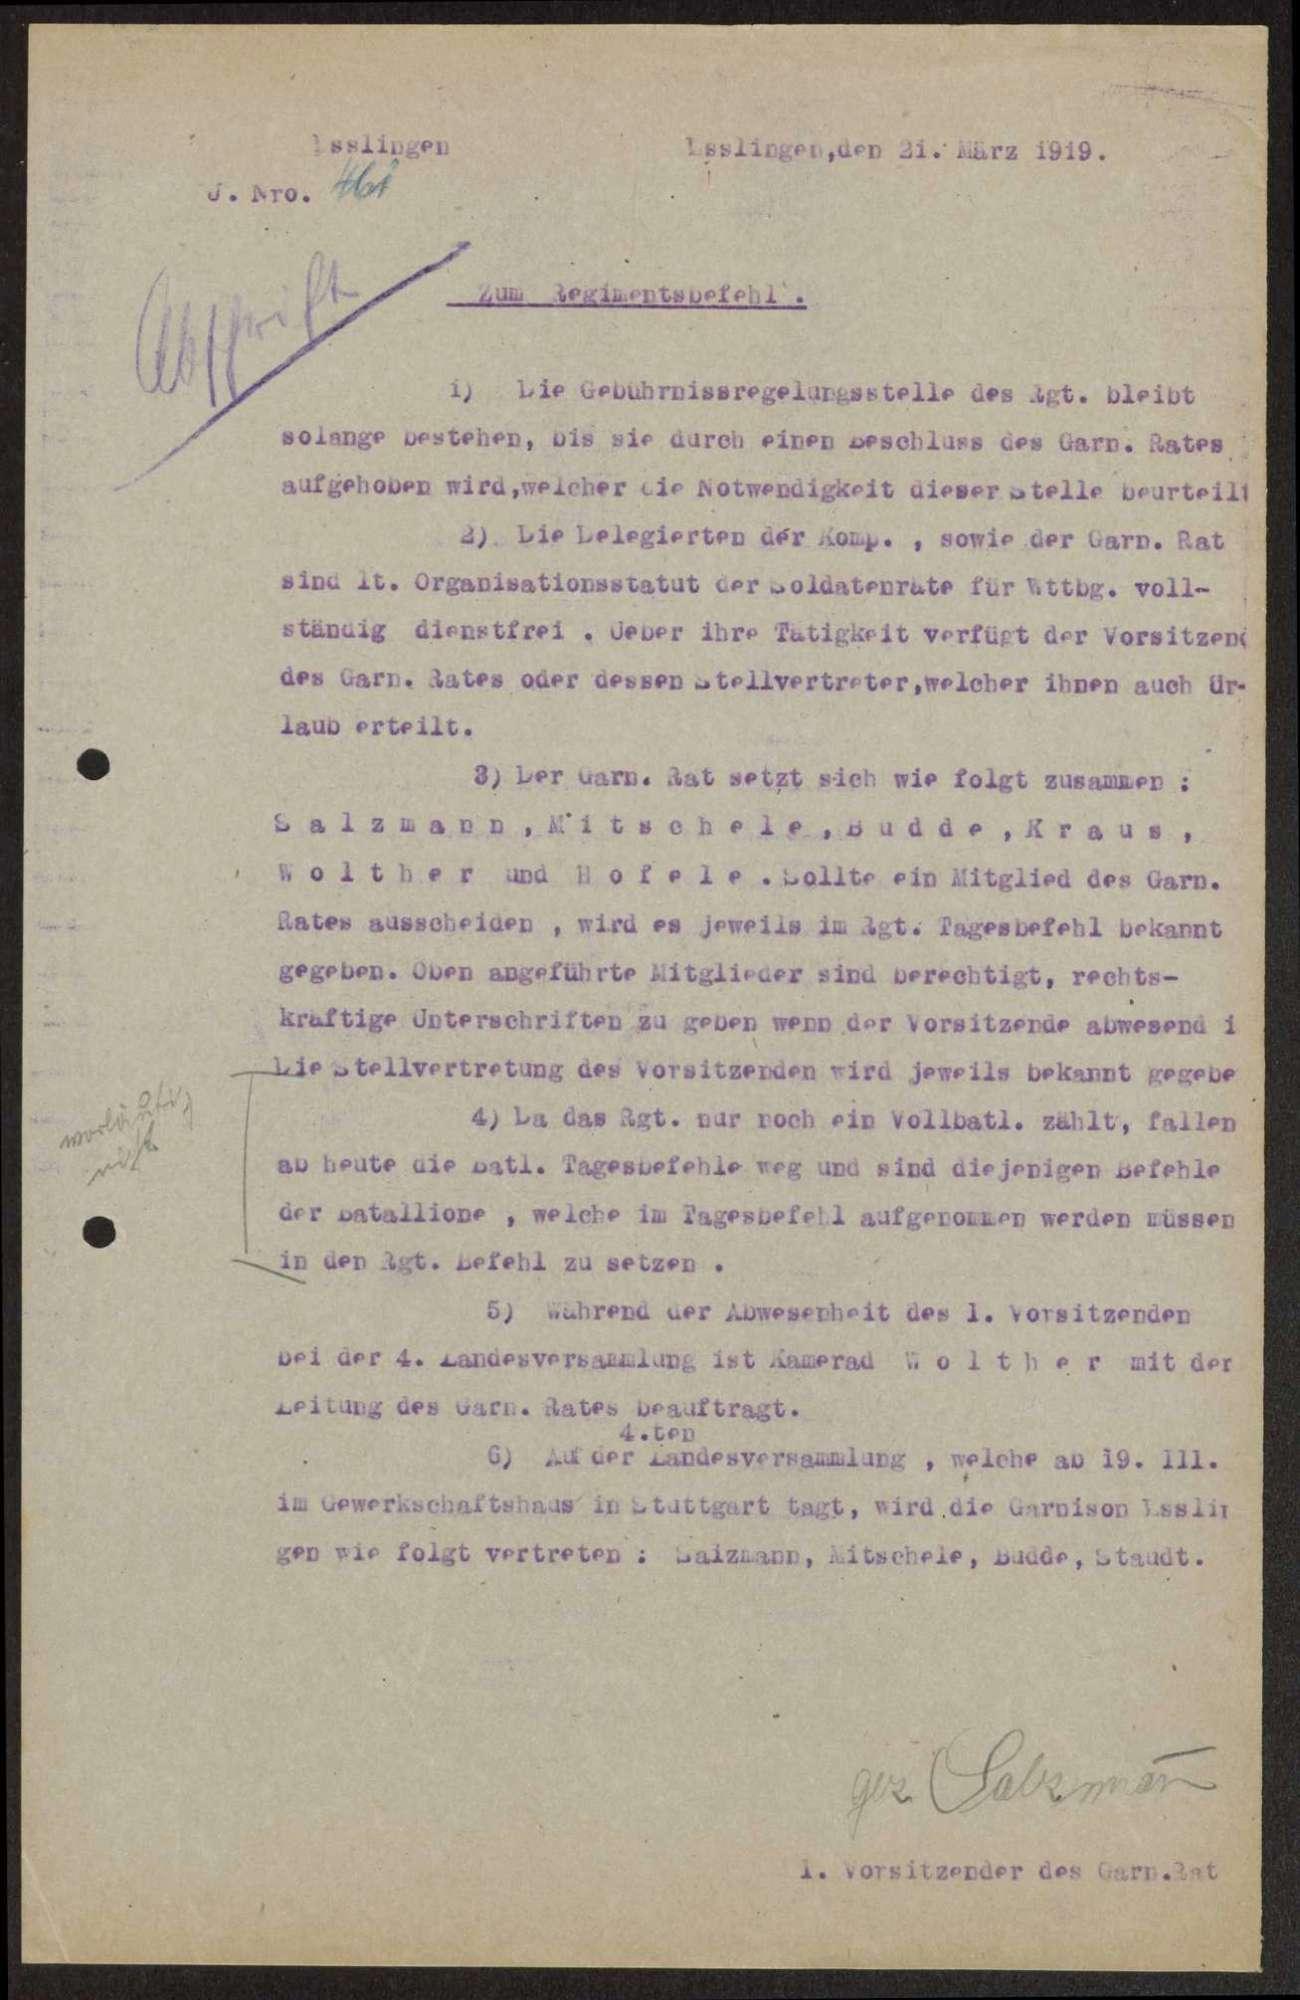 Zusatz des Garnisonrats zum Regimentsbefehl des Infanterie-Regiments Nr. 126, Bild 1